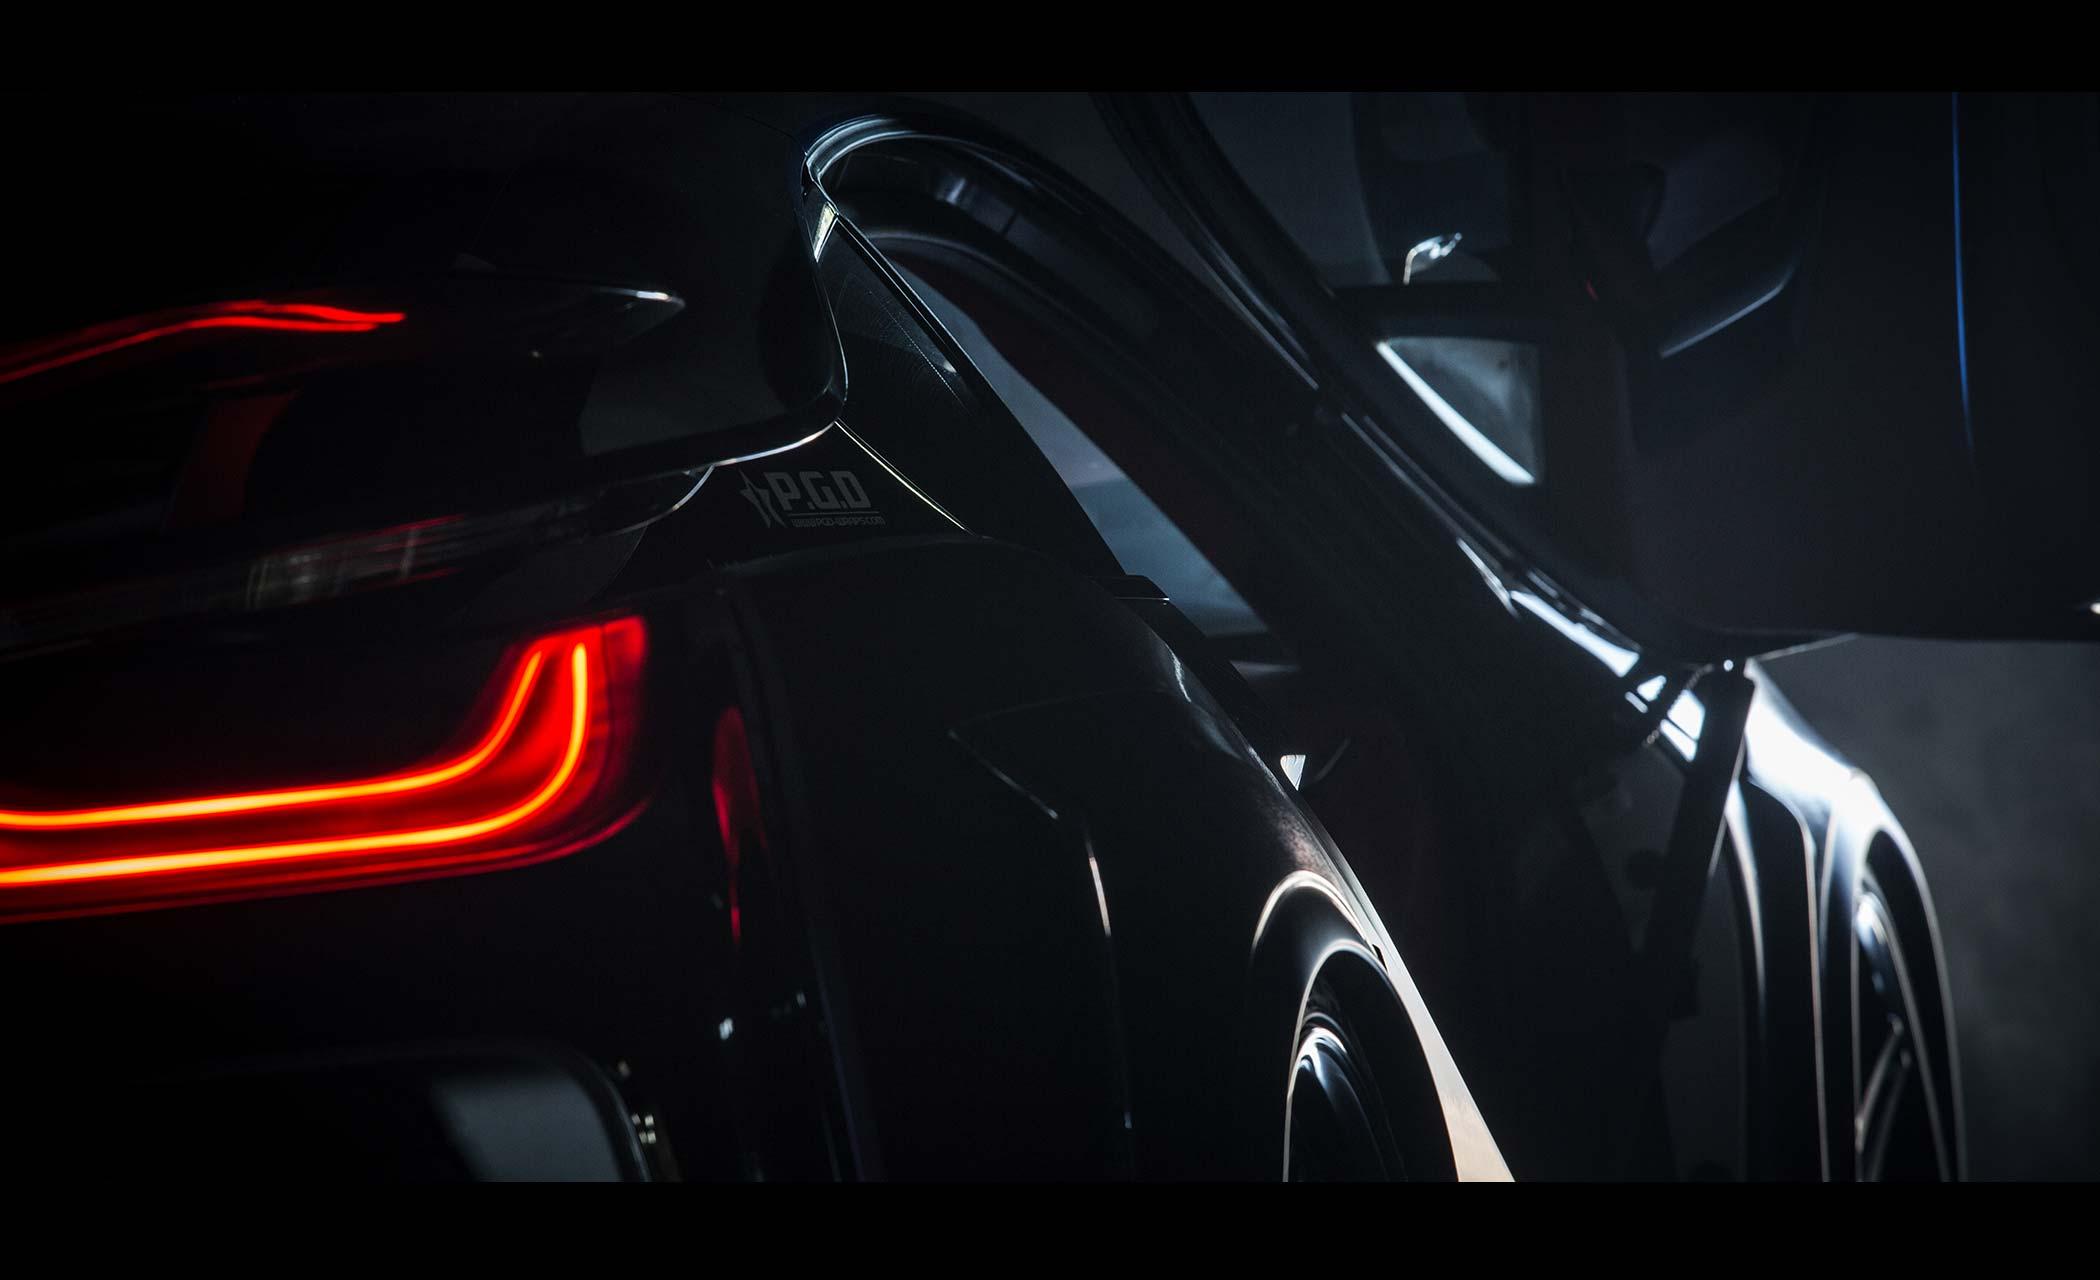 Energy Motorsport - BMW i8 Dark Knight Edition - 2017 - rear light